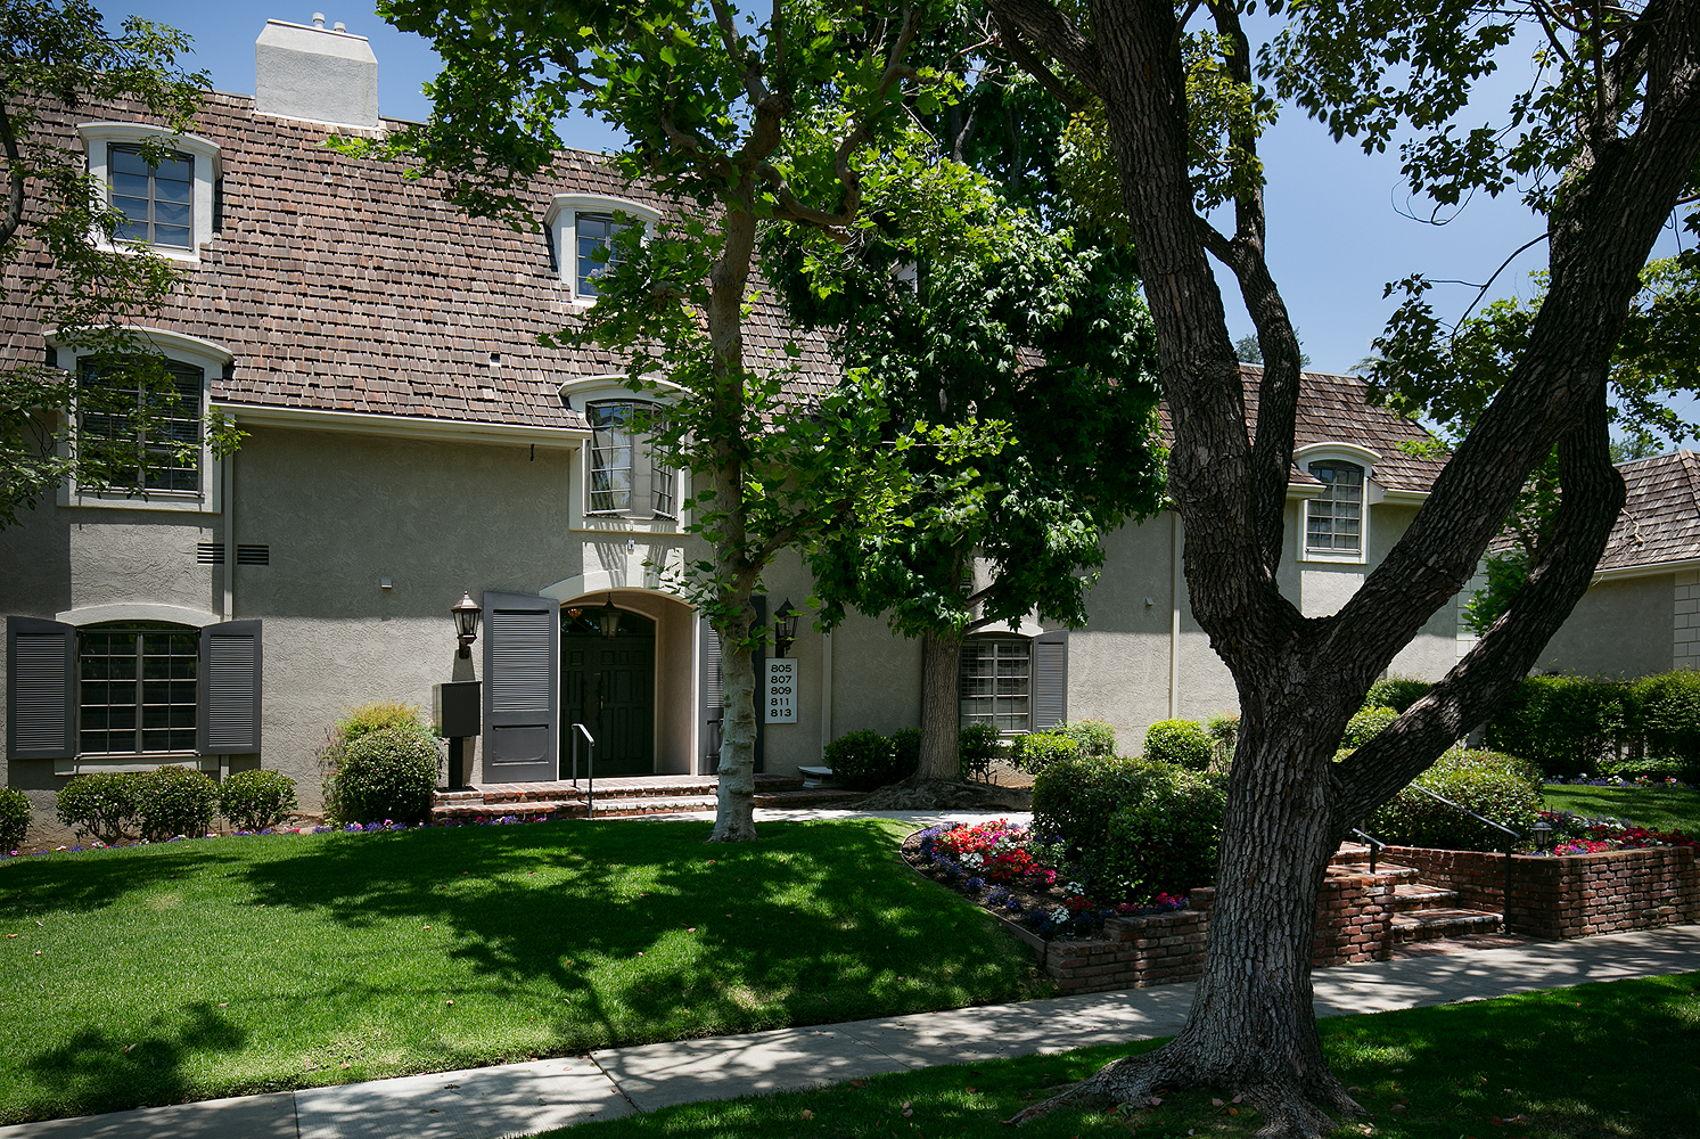 805 S Orange Grove Blvd 001-mls.jpg